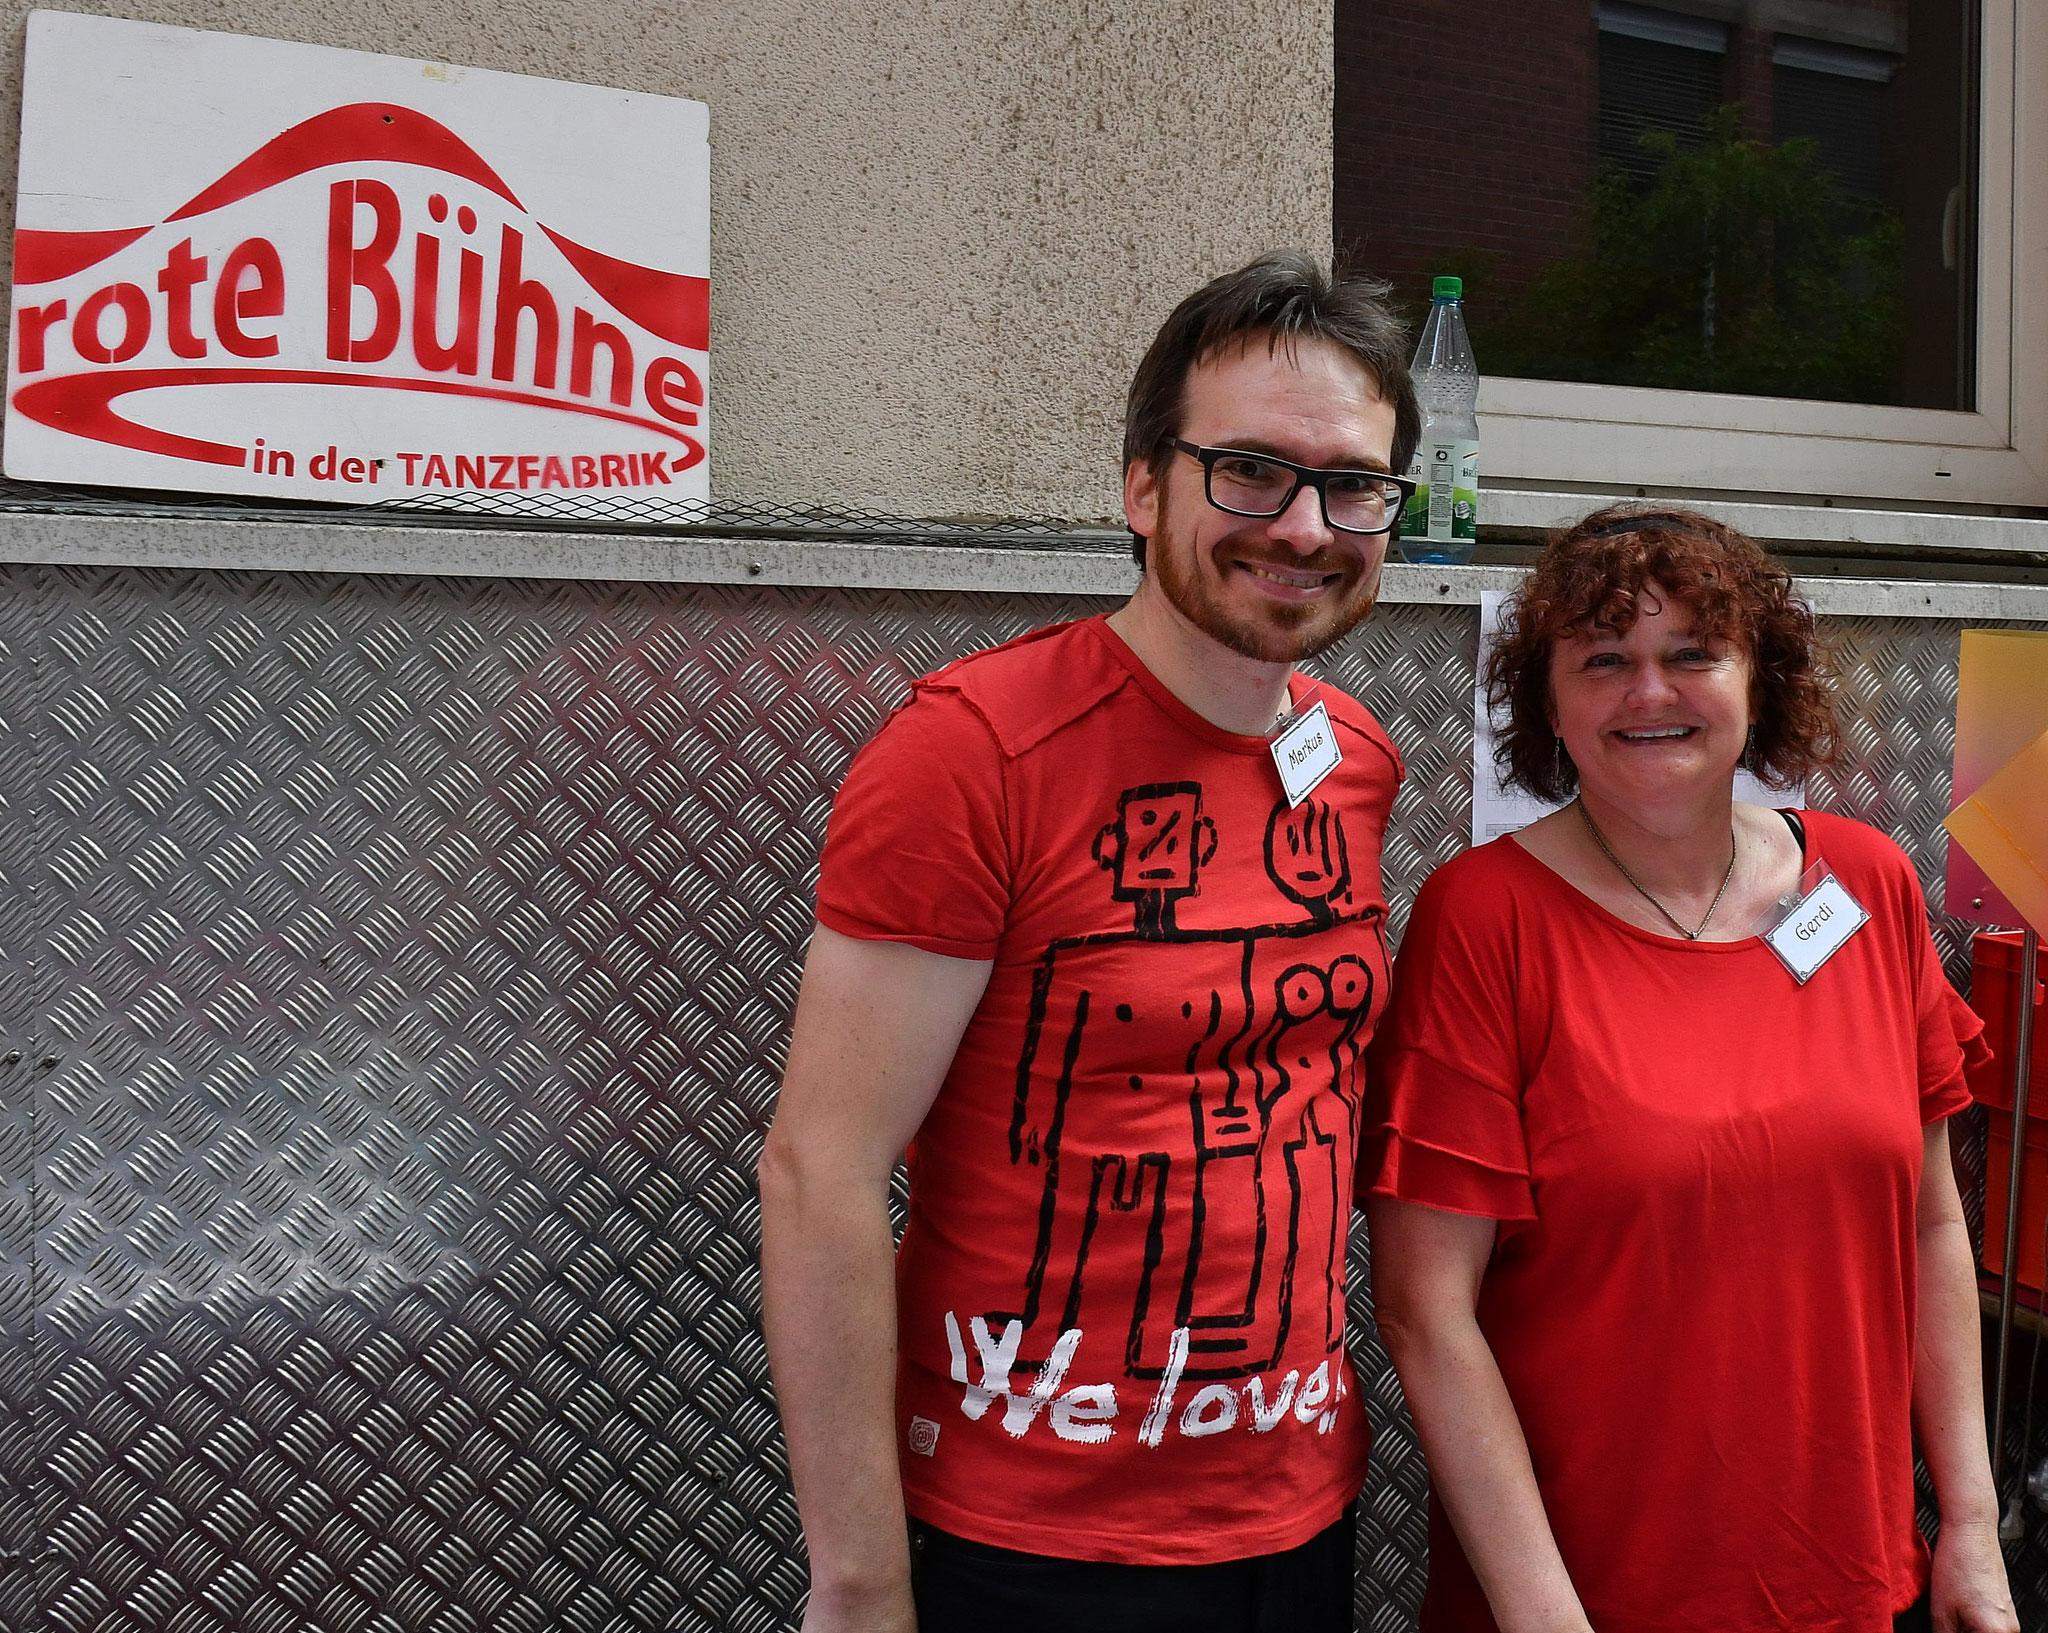 Unsere Ehrenamtlichen Helfer - Vielen Dank an Markus & Gerdi